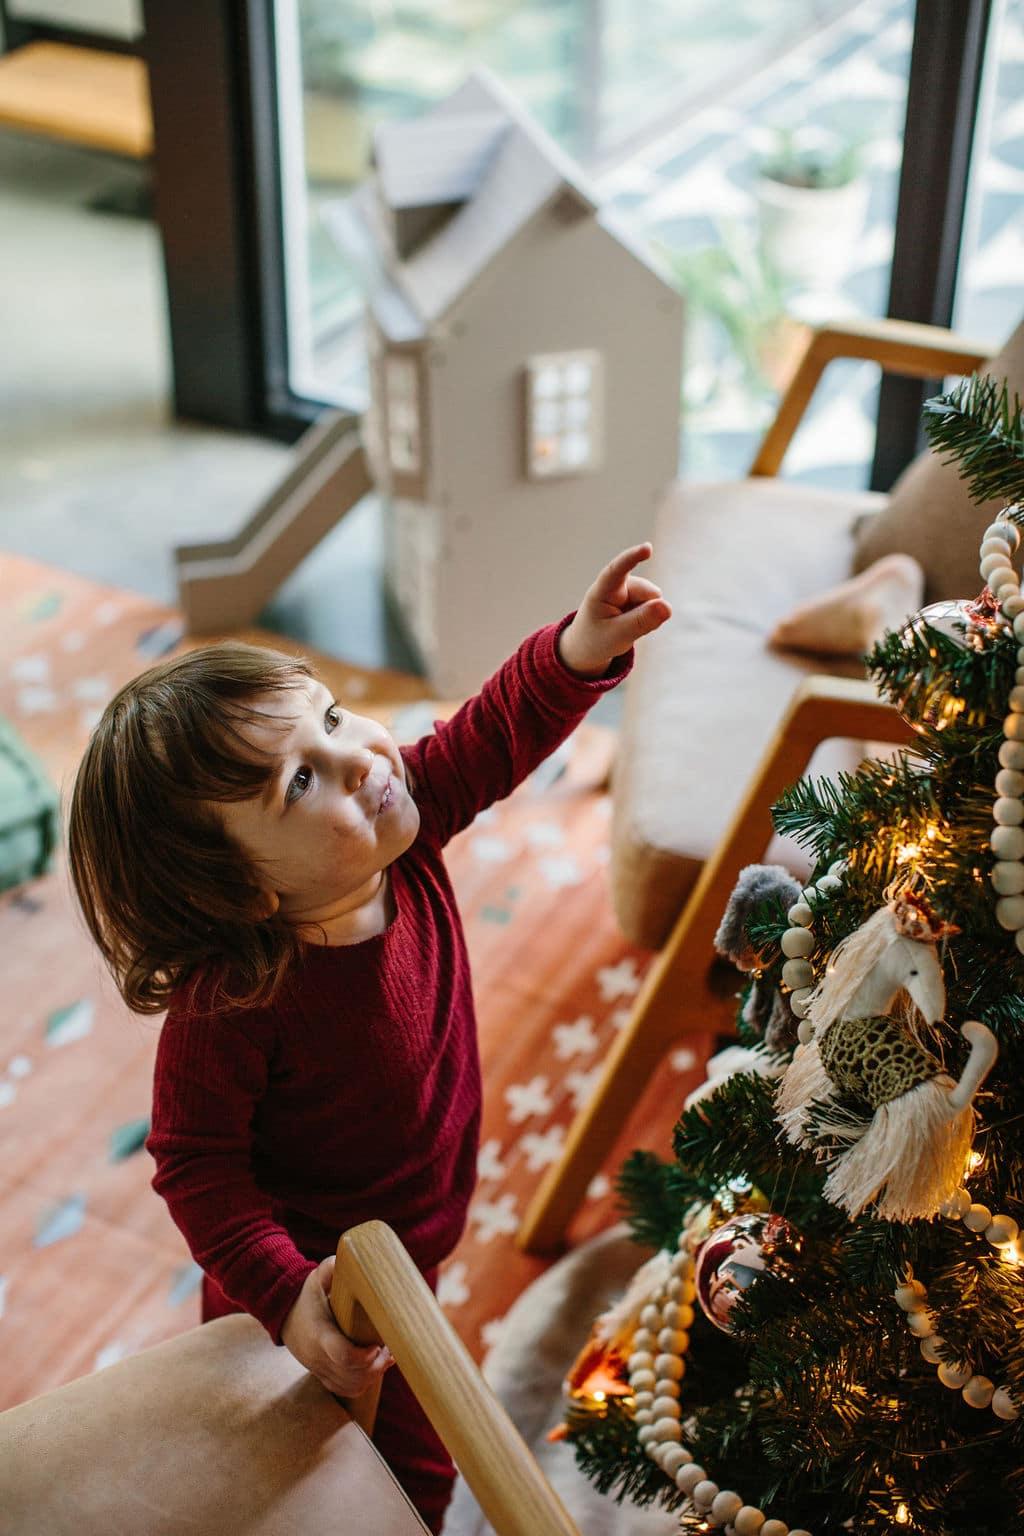 Kid's Christmas Tree Lights and Ornaments Pajamas